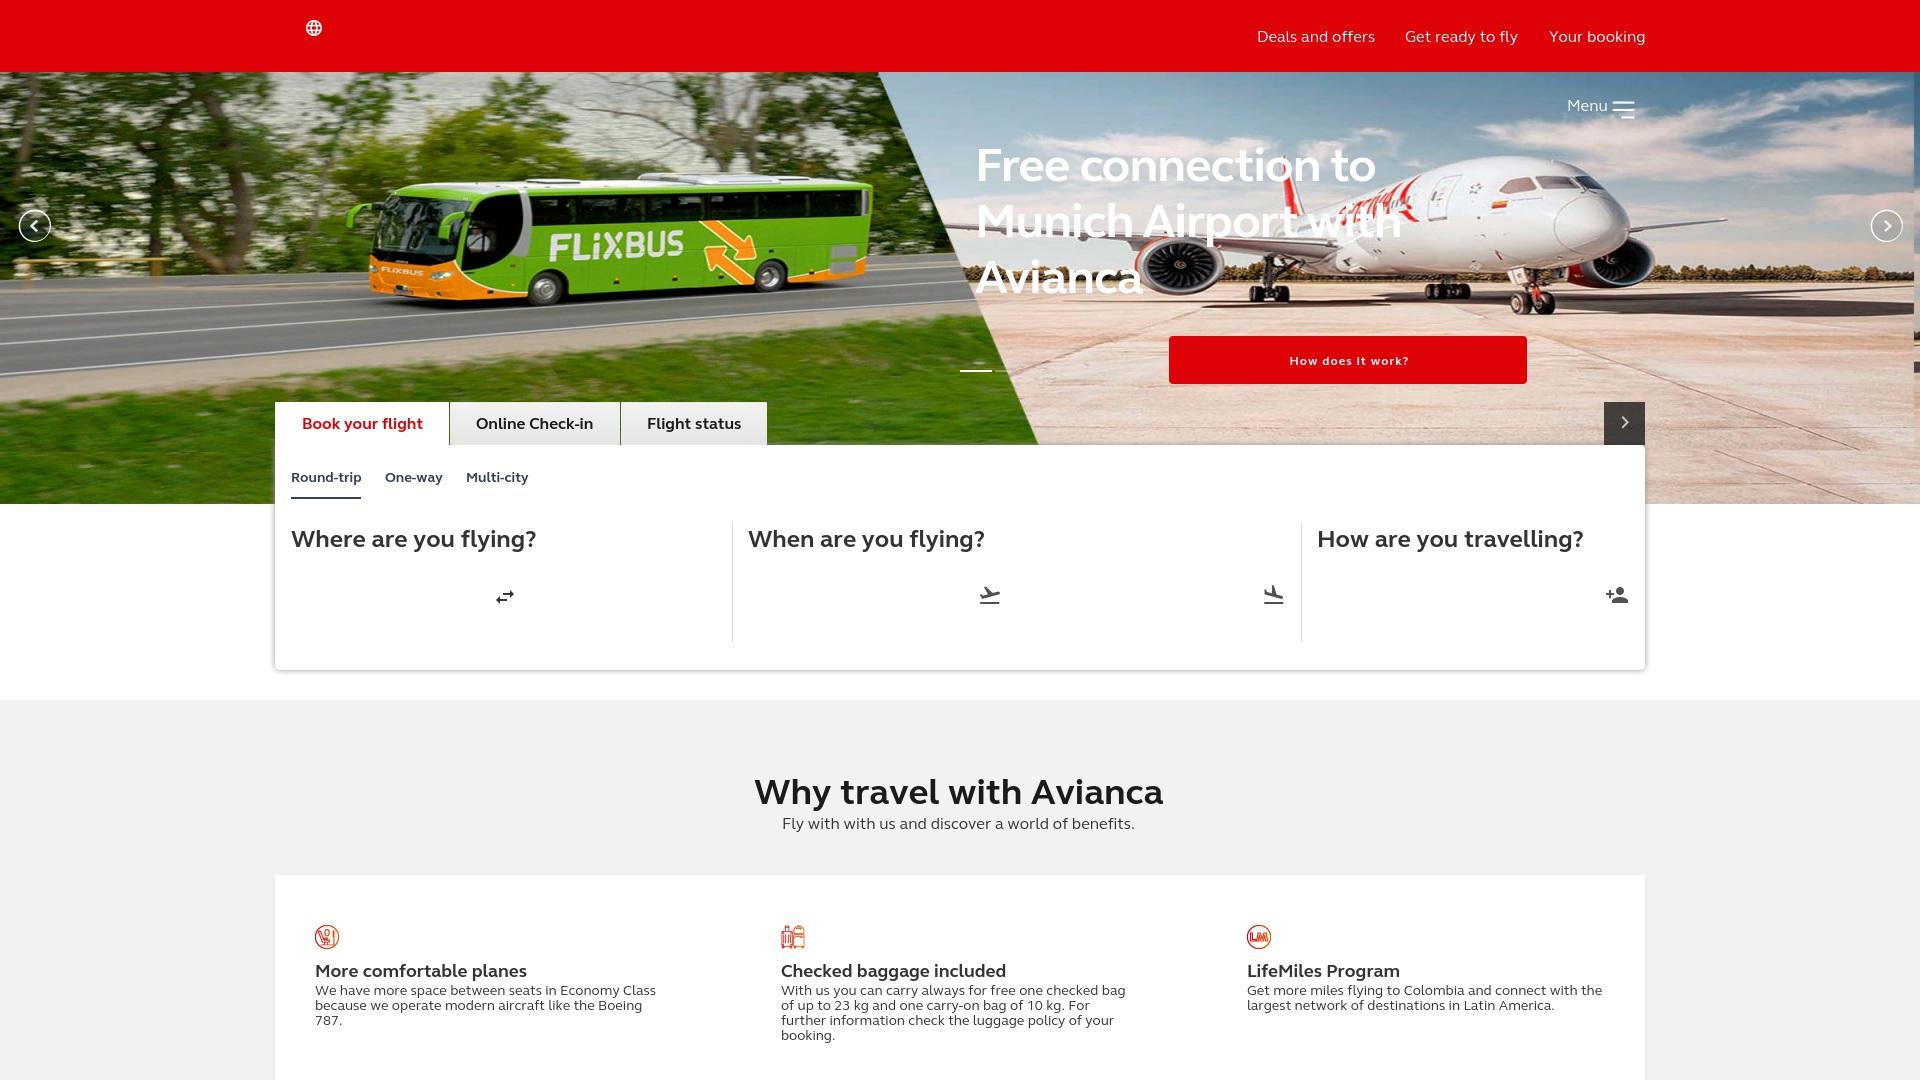 Gutschein für Avianca: Rabatte für  Avianca sichern